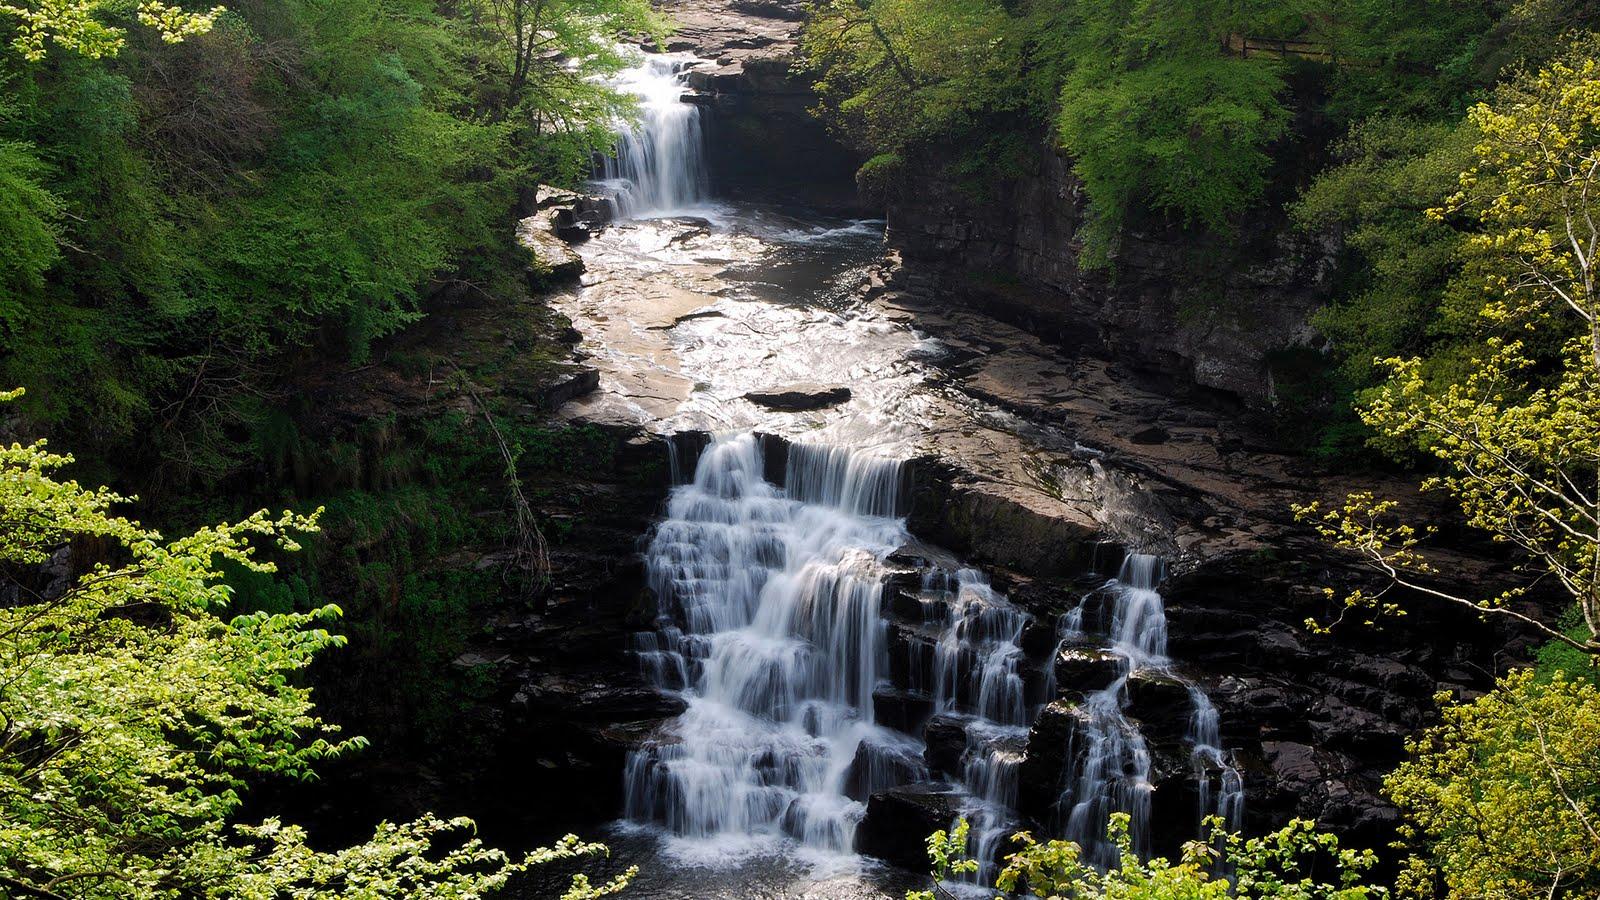 http://4.bp.blogspot.com/_Znf_n60oynA/TJ7umwbUJhI/AAAAAAAAANM/ie2Vpuiqxvs/s1600/Amazing+Waterfall+Nature.jpeg